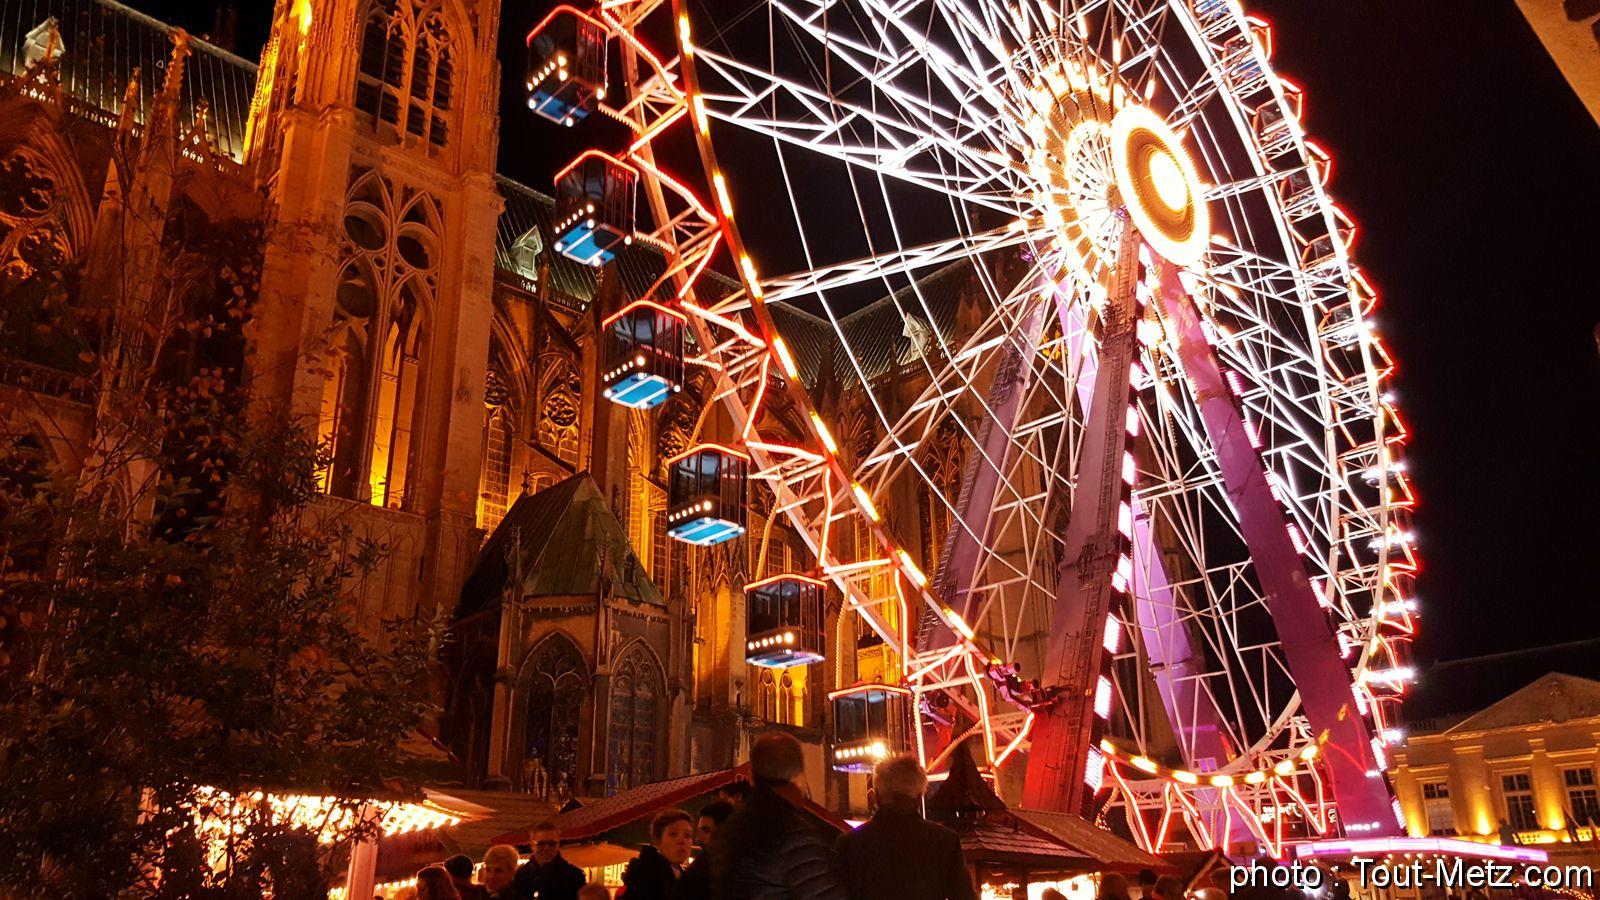 Les marchés de Noël sont-ils encore ouverts à Metz ?